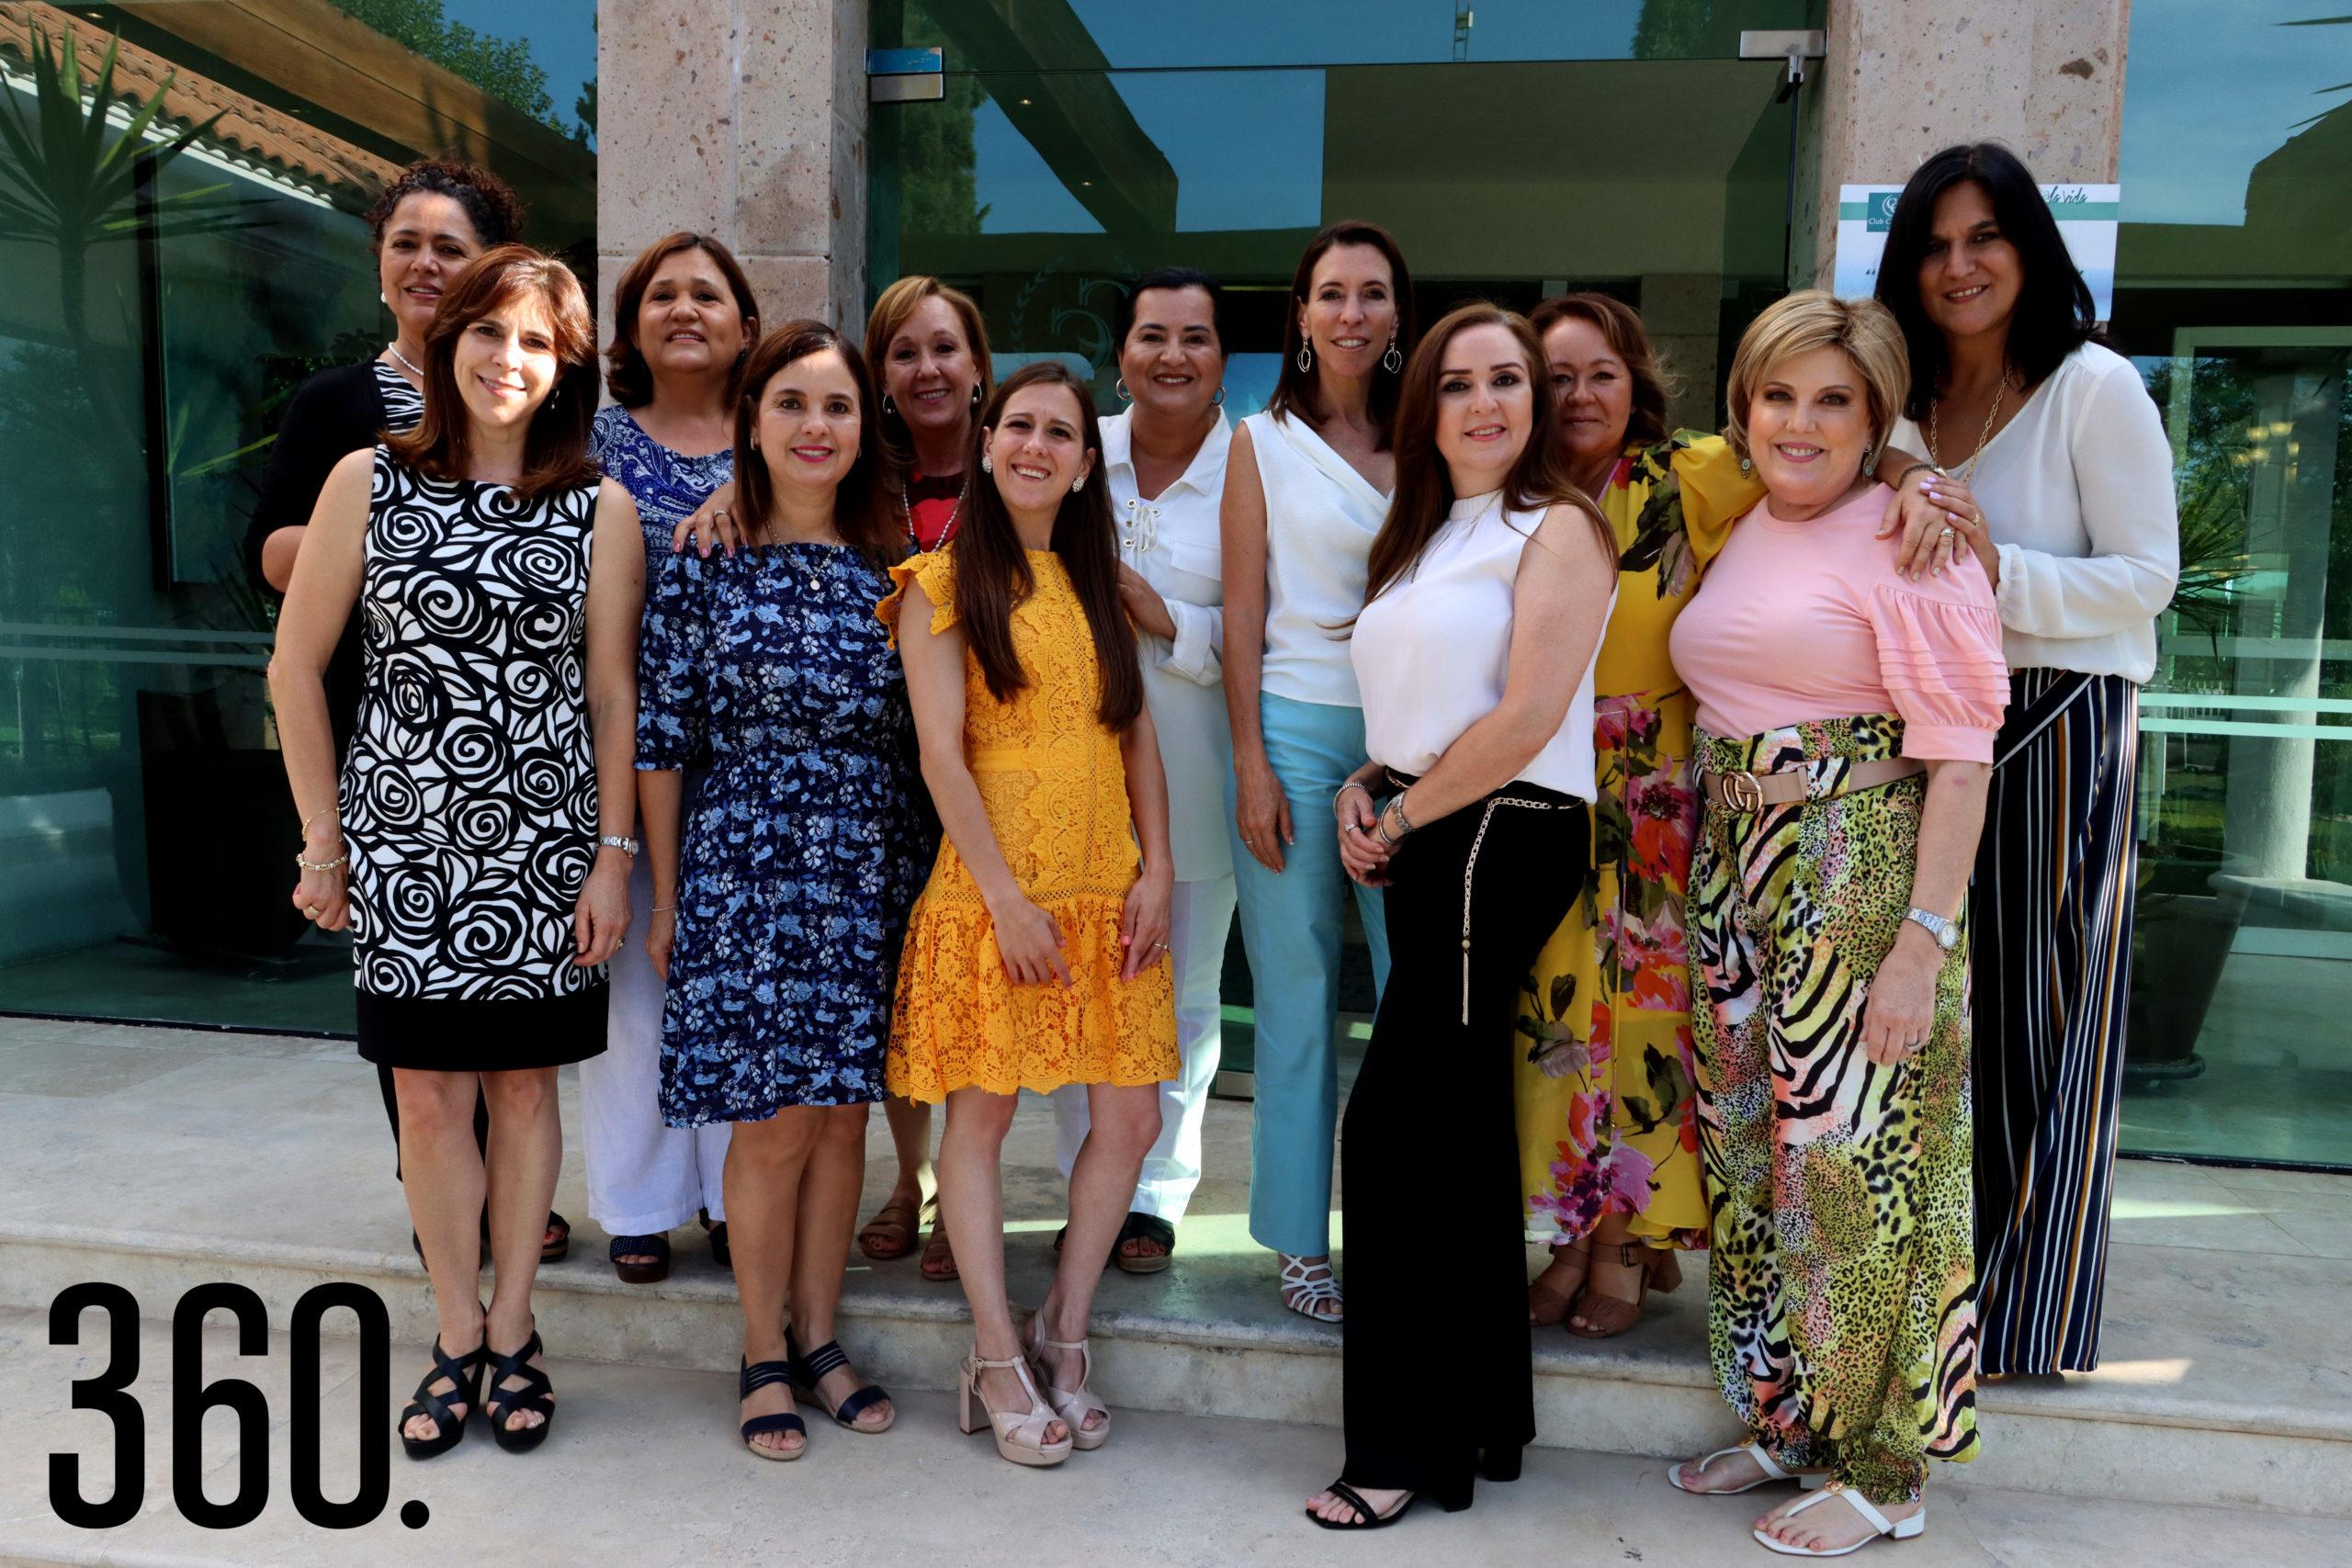 La festejada acompañada por las madres de sus amigas, quienes le organizaron la despedida de soltera.